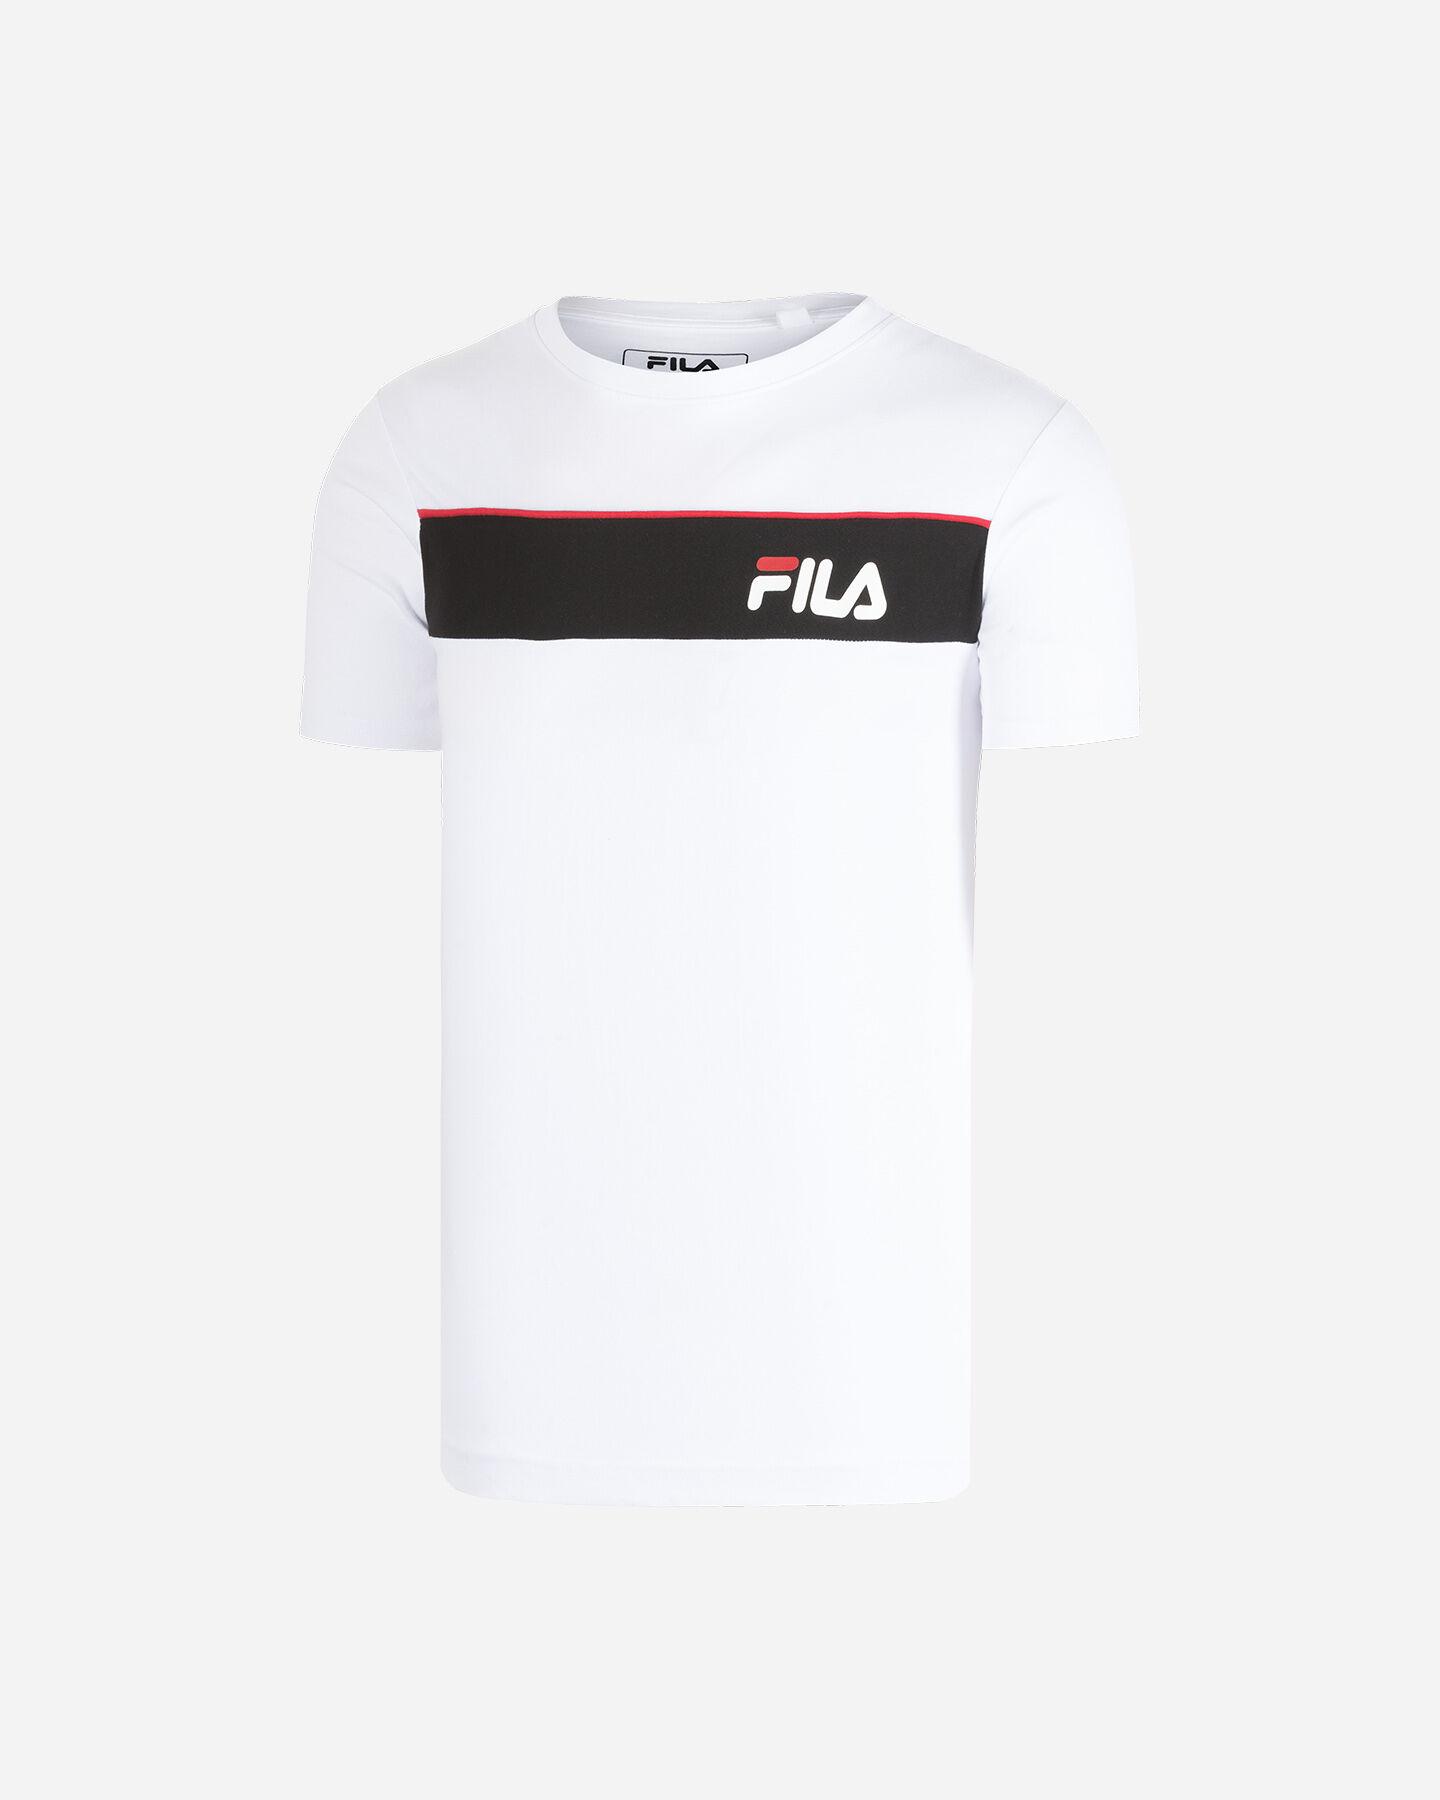 T-Shirt FILA SM LOGO M S4080445 scatto 5